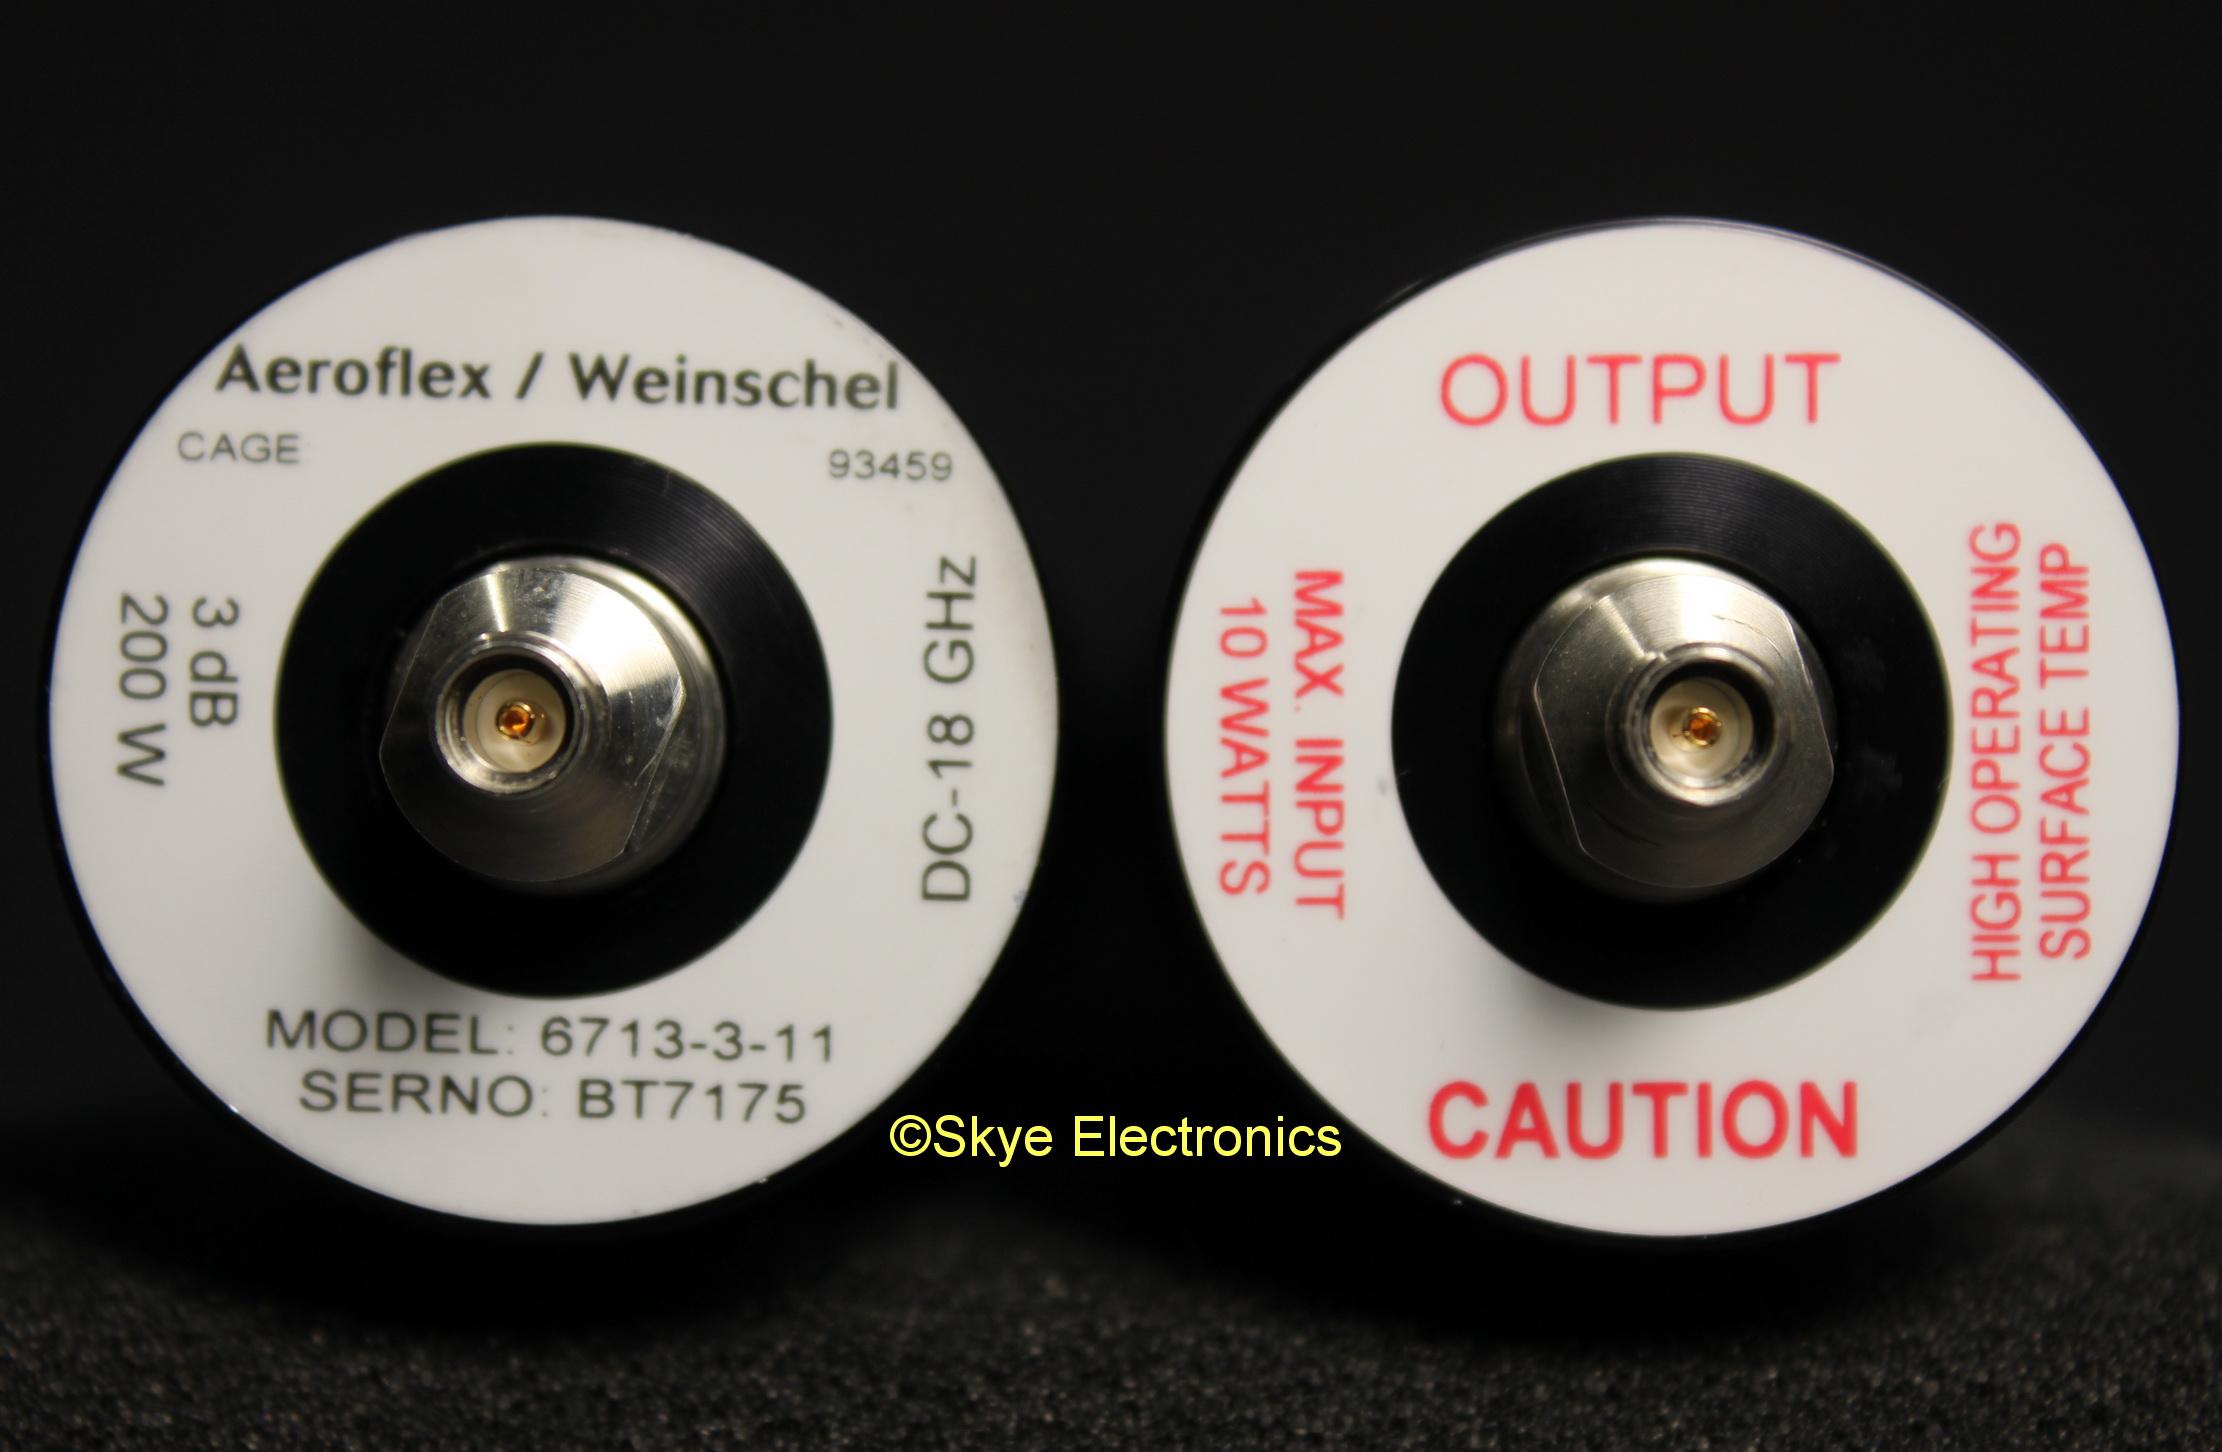 Aeroflex-Weinschel 6713-3-11 Skye Electronics